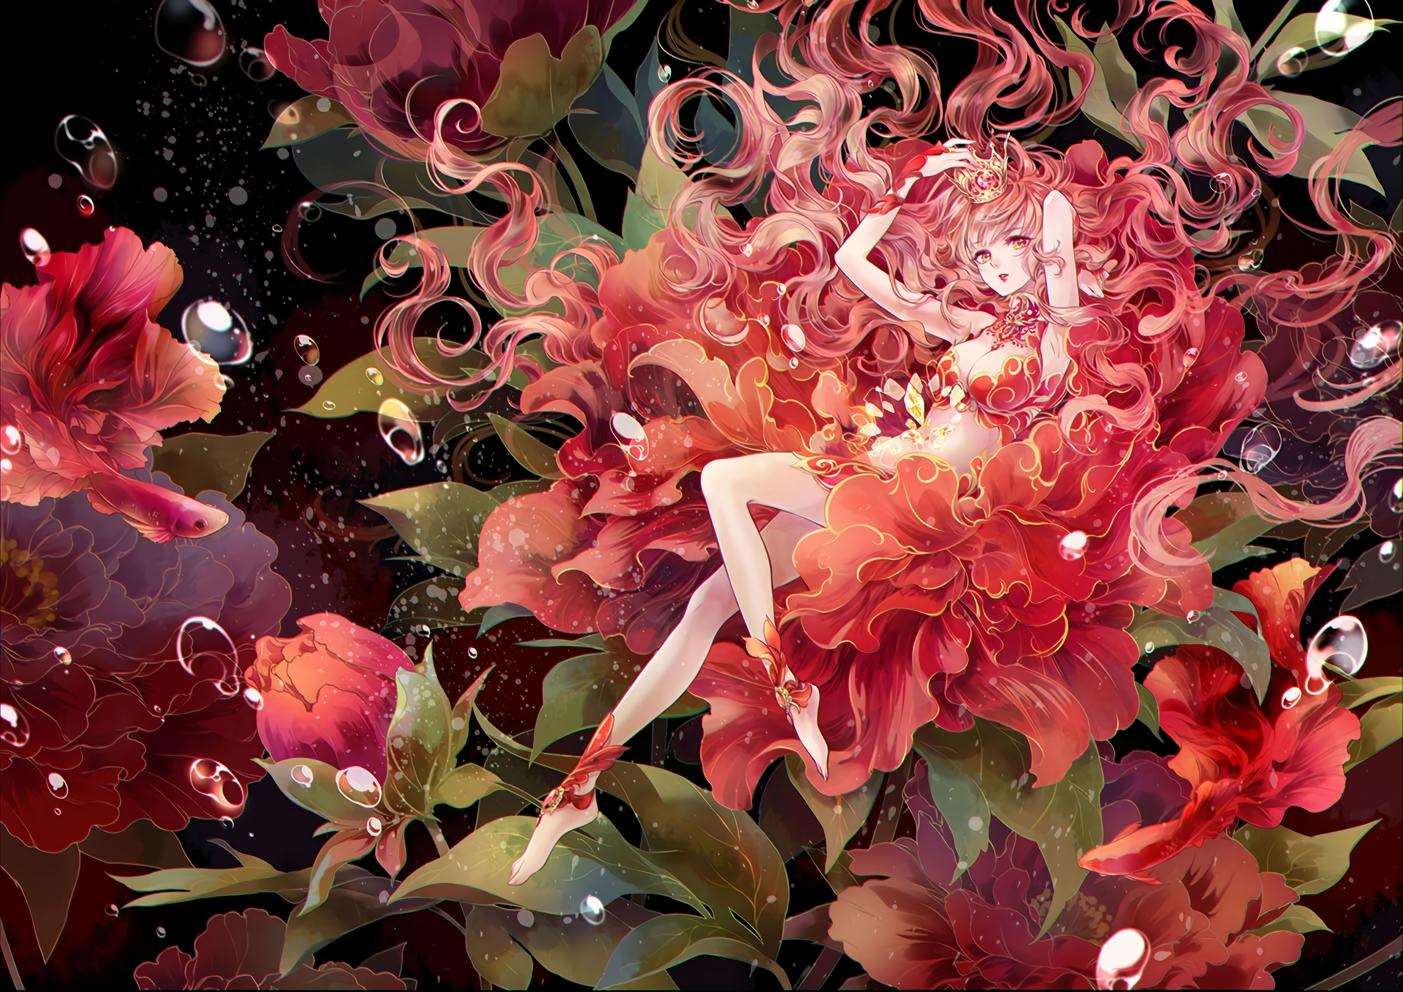 animal barefoot breasts bubbles cleavage crown dekitani fish flowers leaves long_hair original underwater water yellow_eyes